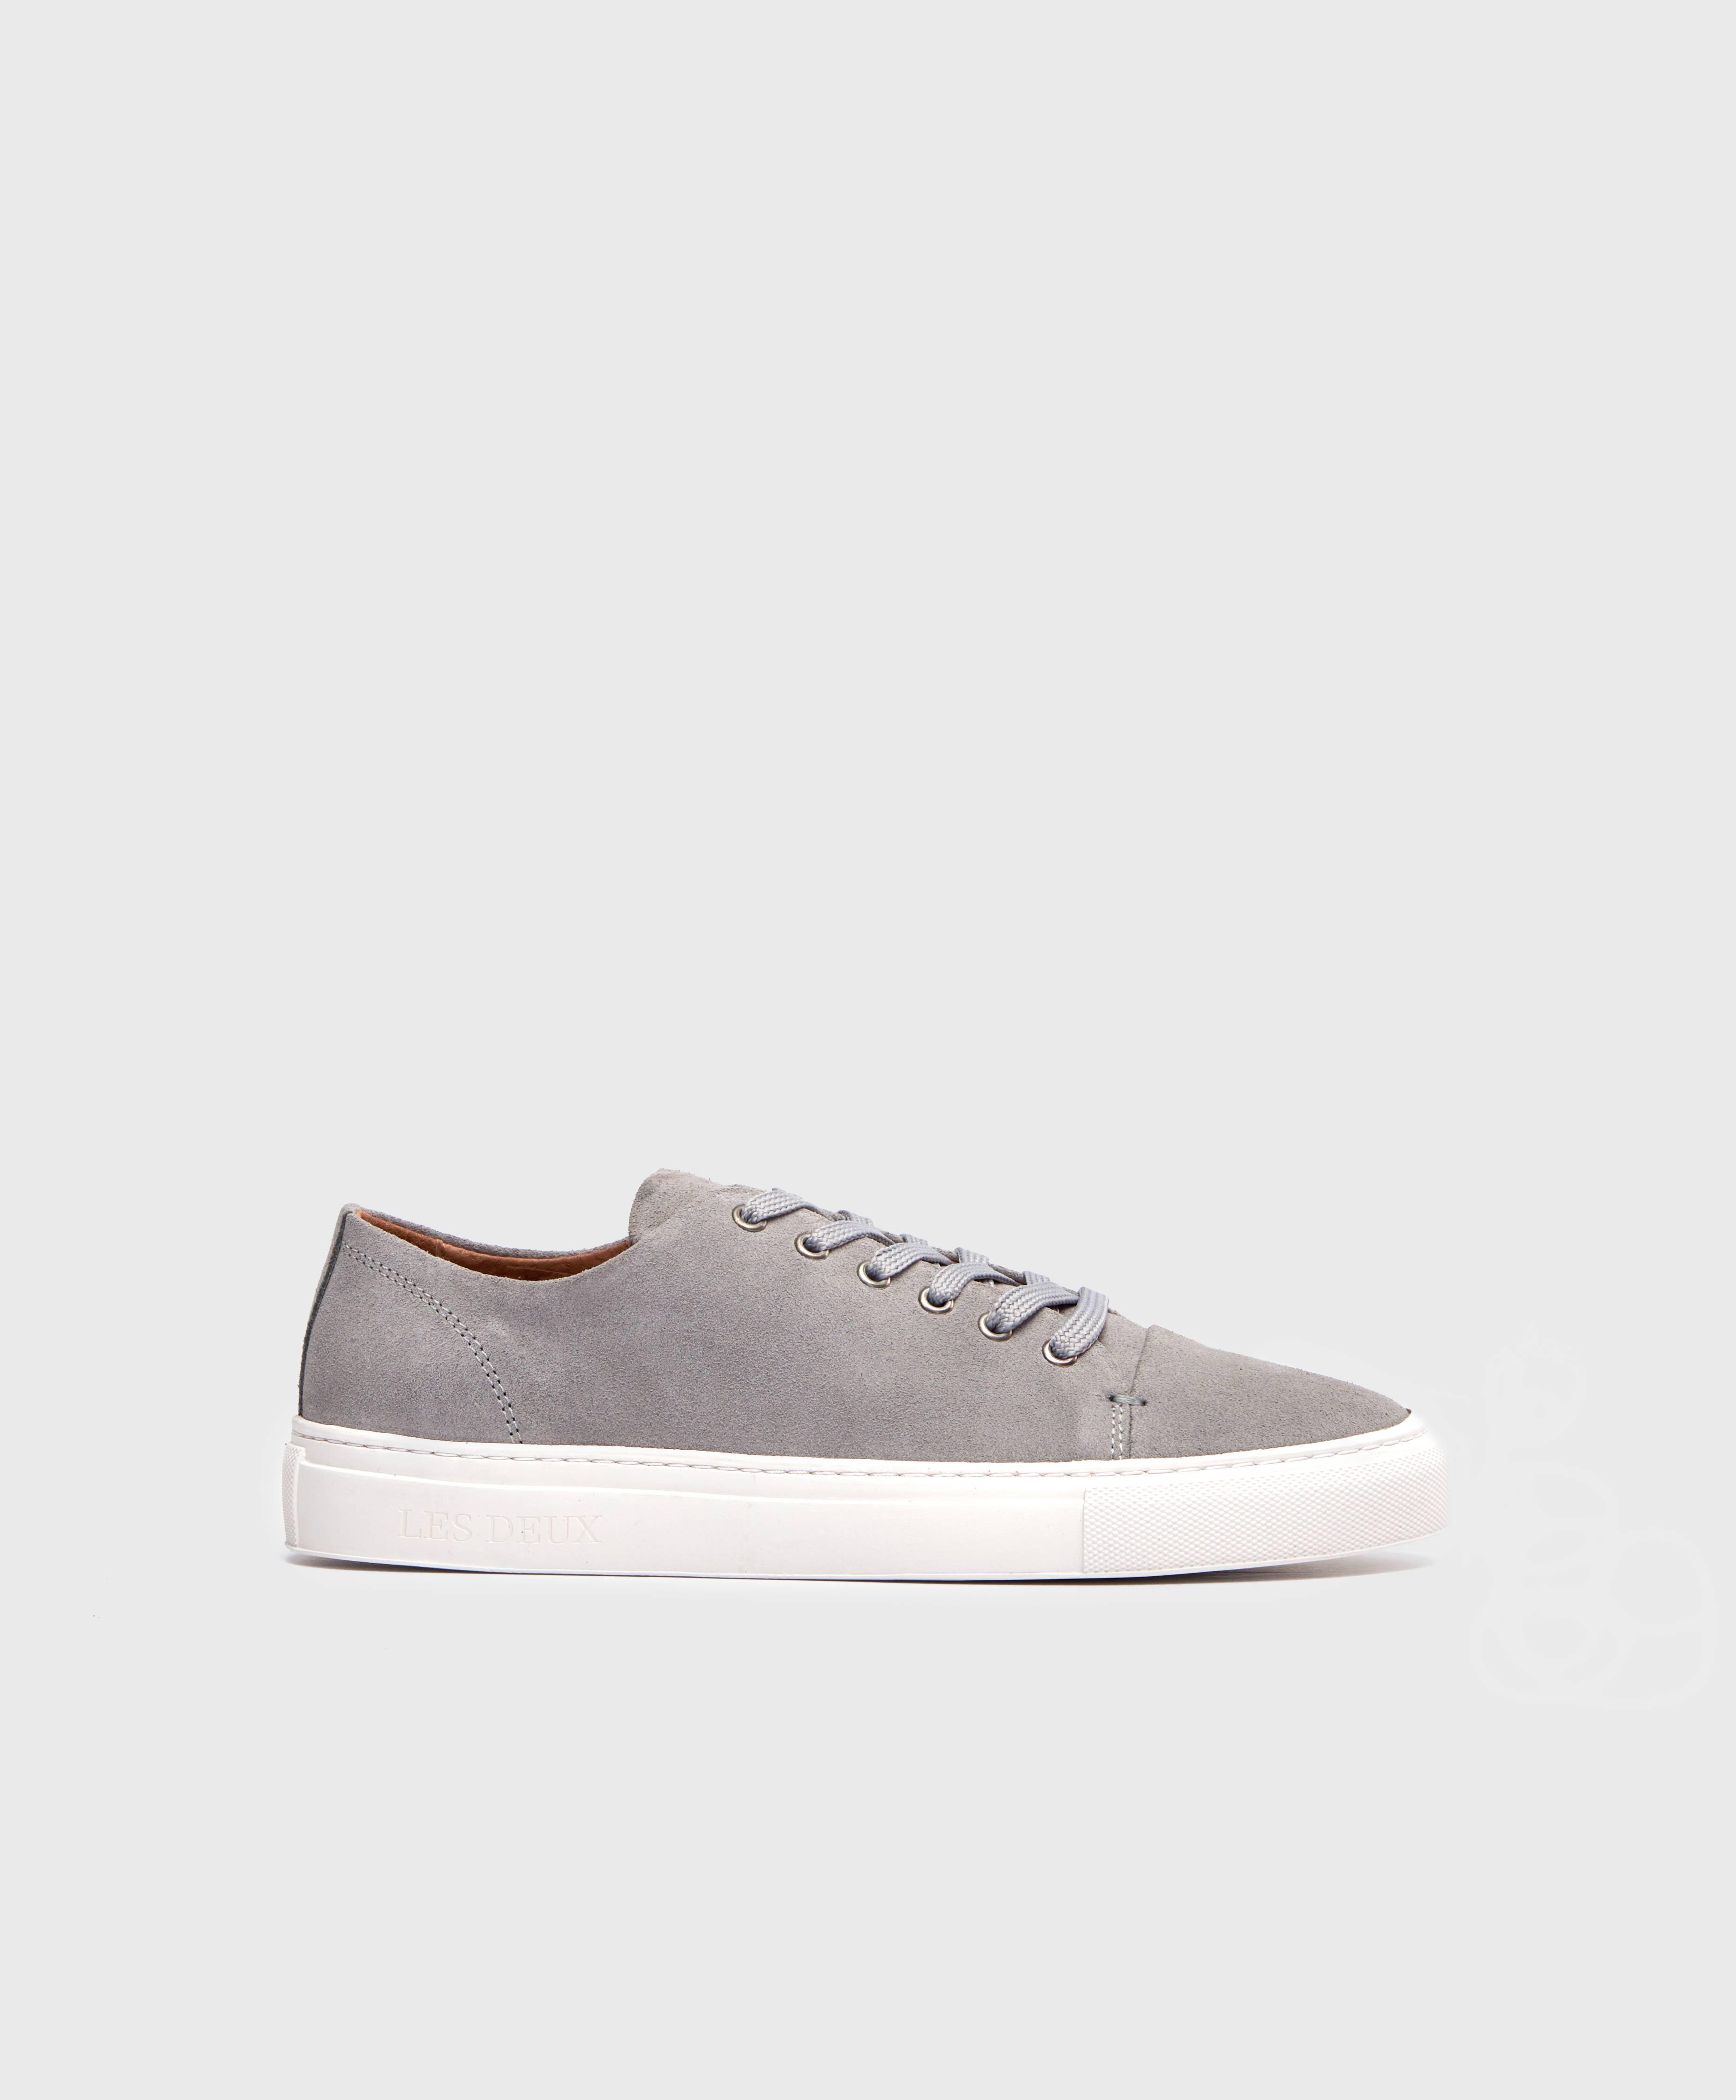 Les Deux Sneakers Albert Shoes Navy Grå Skor Stayhard.se